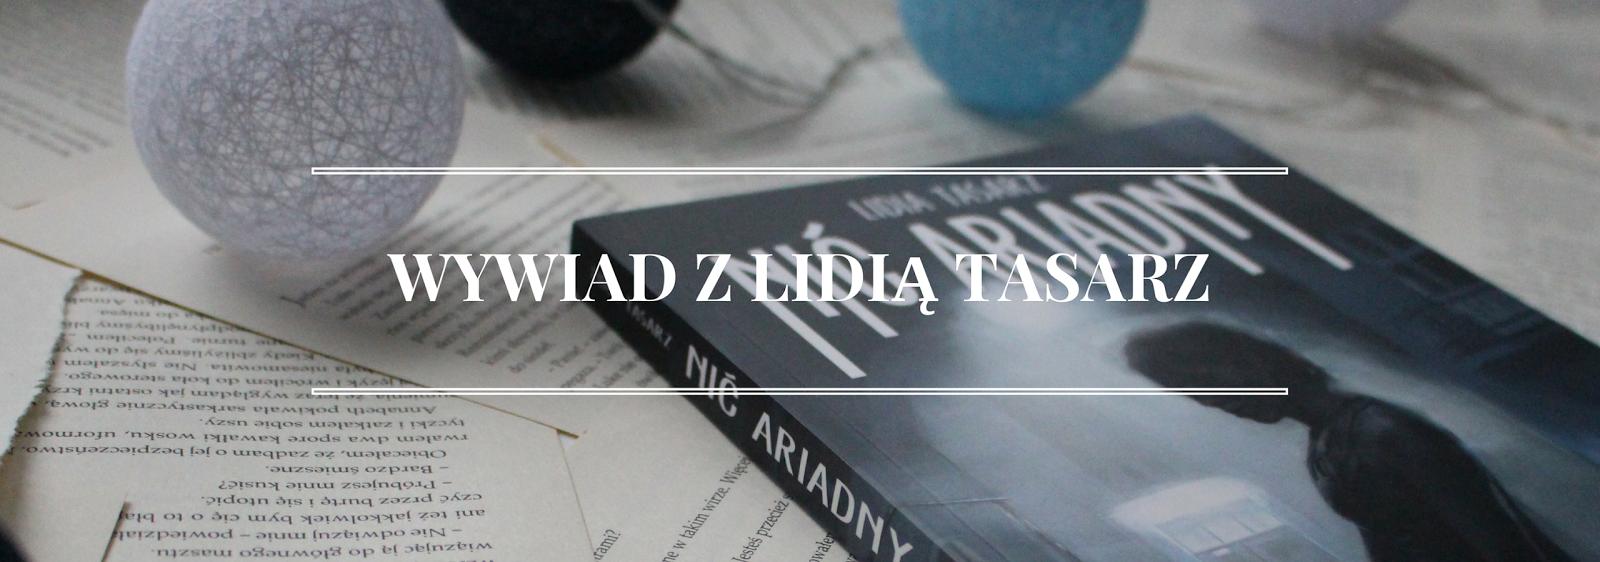 Wywiad z Lidią Tasarz